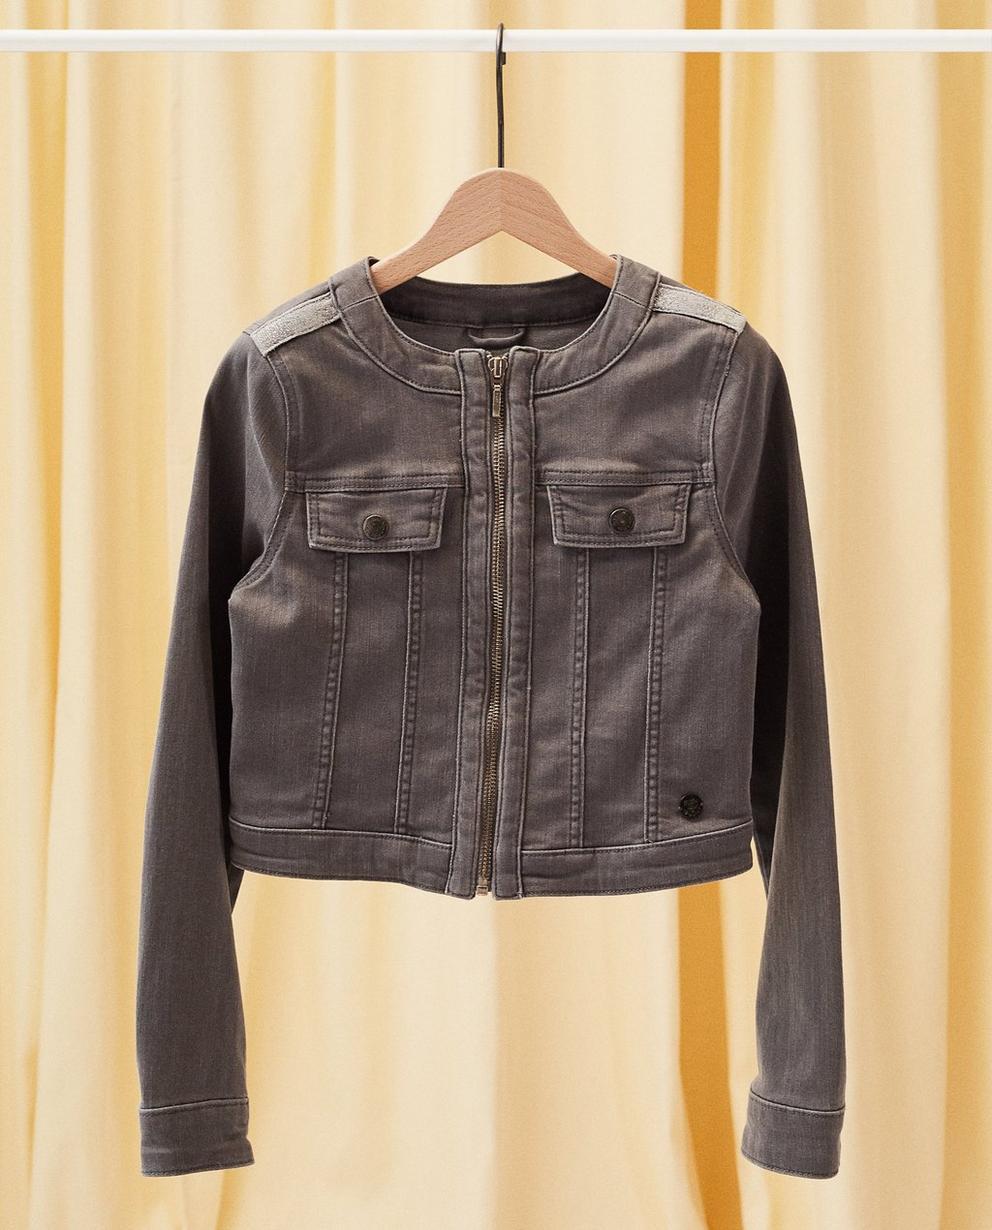 Jeansjacke mit Glitzerstreifen - kurzes Modell - Milla Star